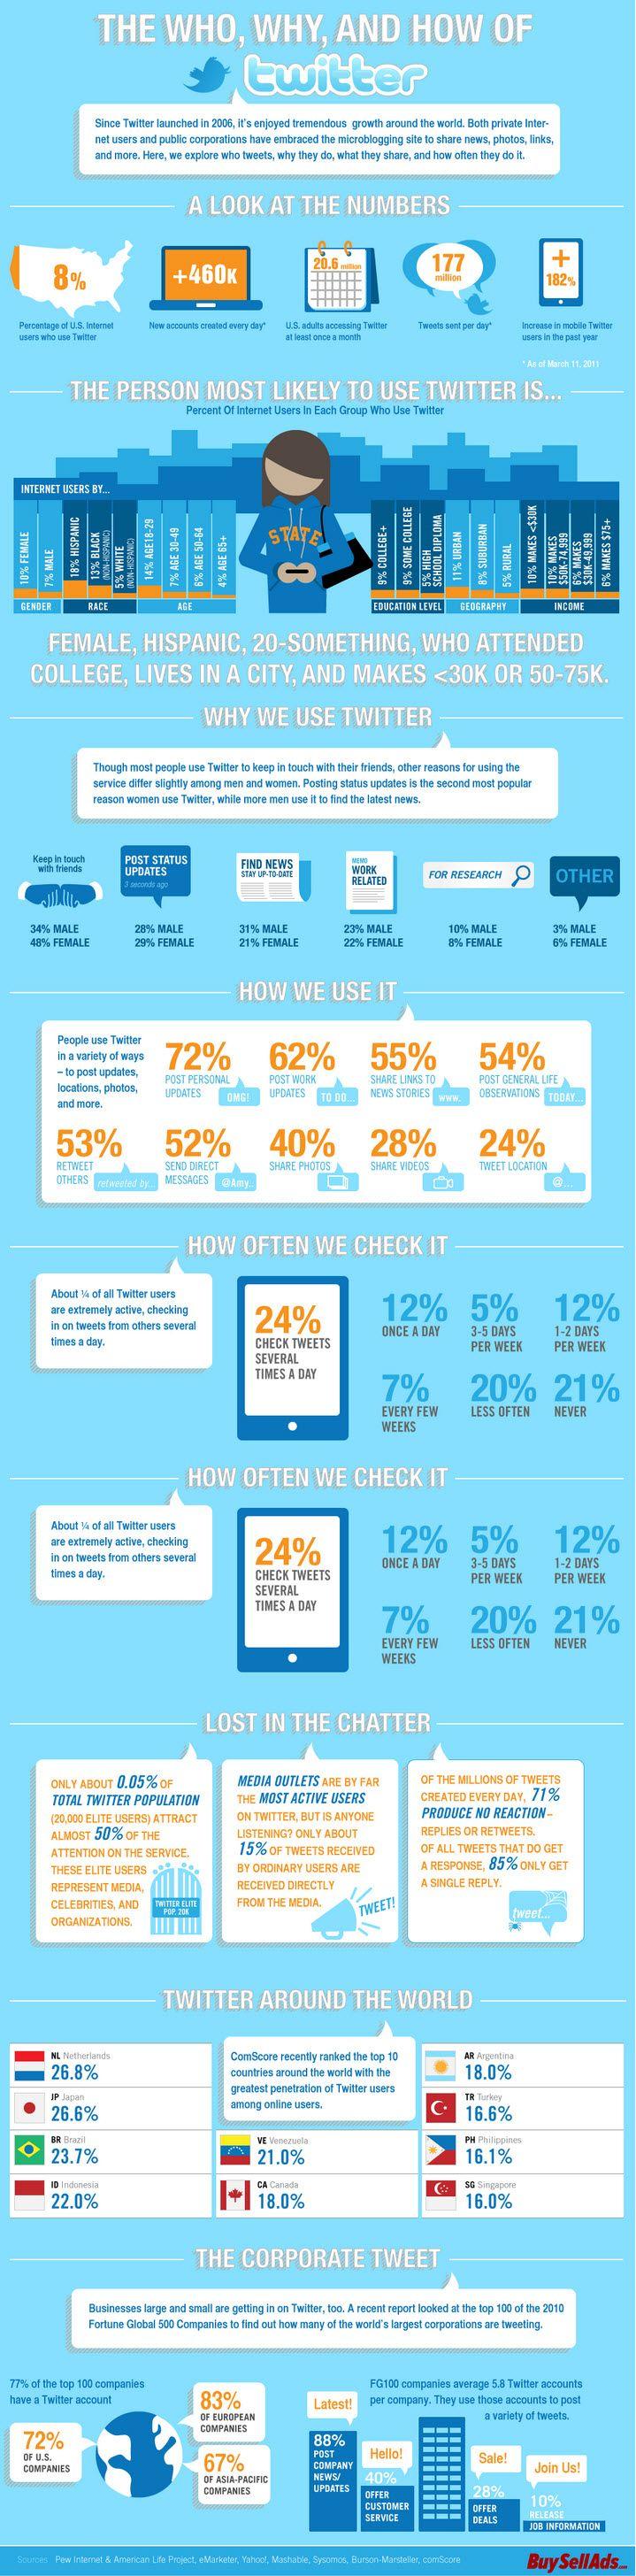 Infografía sobre Twitter: el perfil del usiario y para qué se utiliza